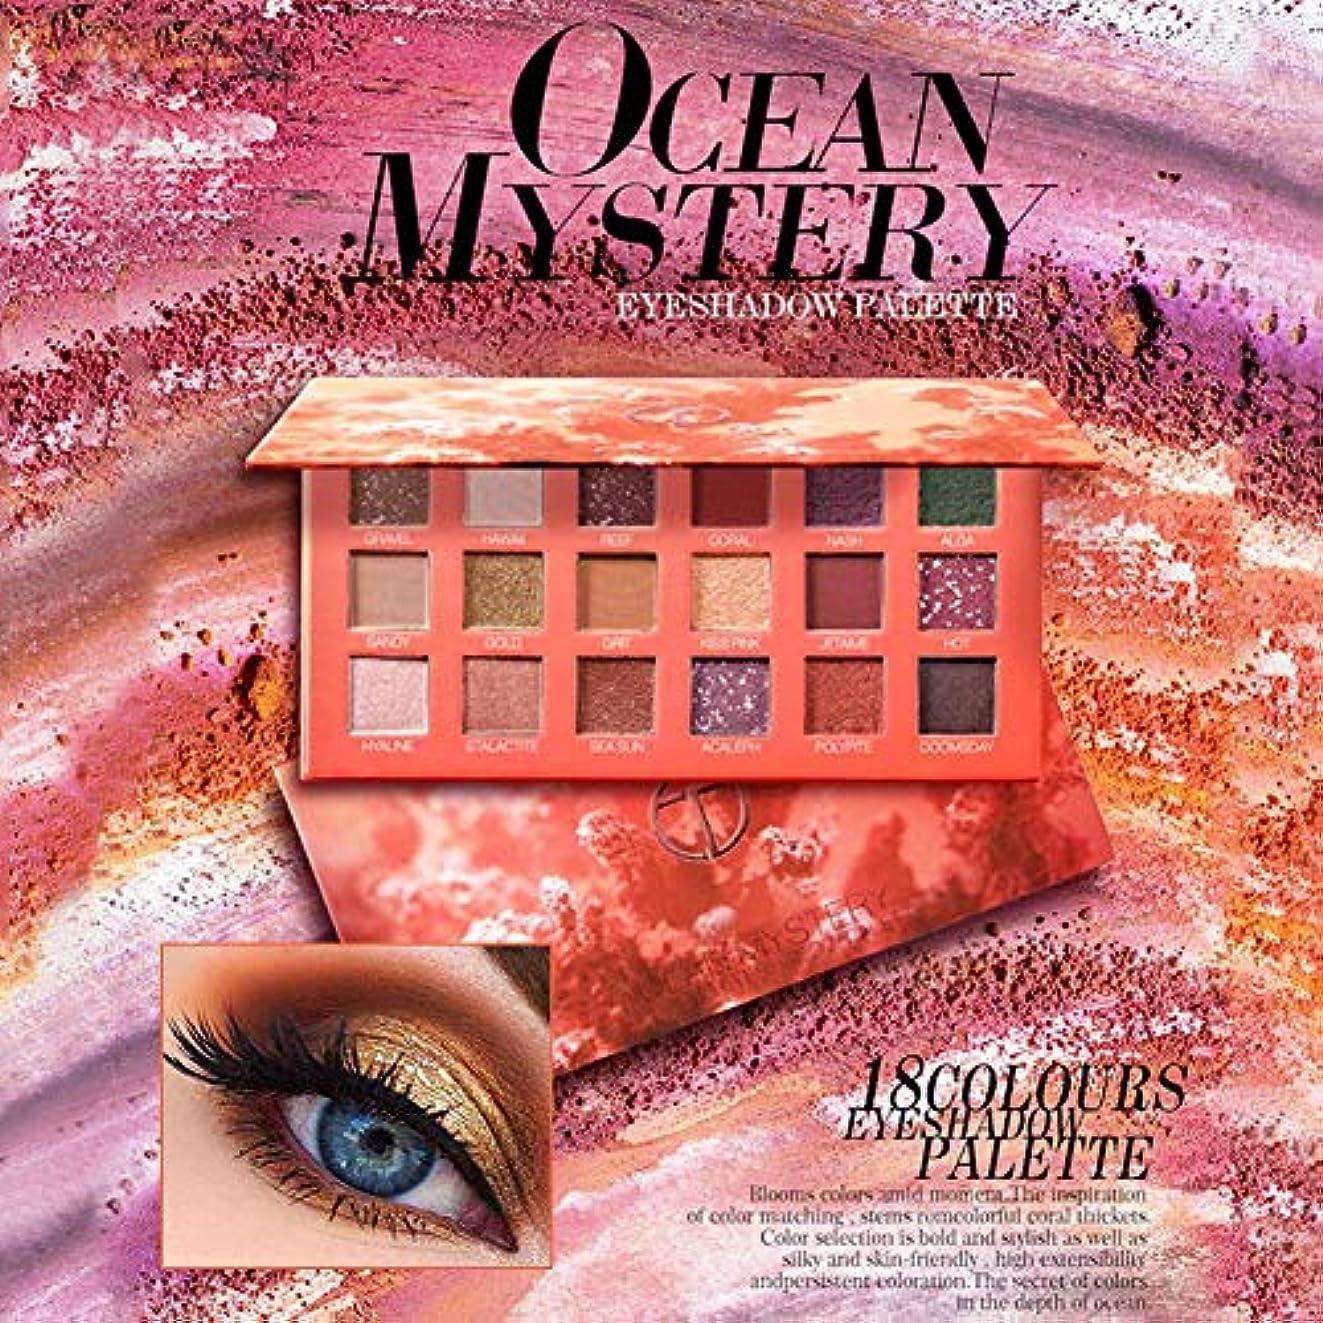 ブローシネウィ雄弁18色高品質オーシャンミステリーアイシャドウパレット マットとパール付き 天然防水Eyeshadow Palette